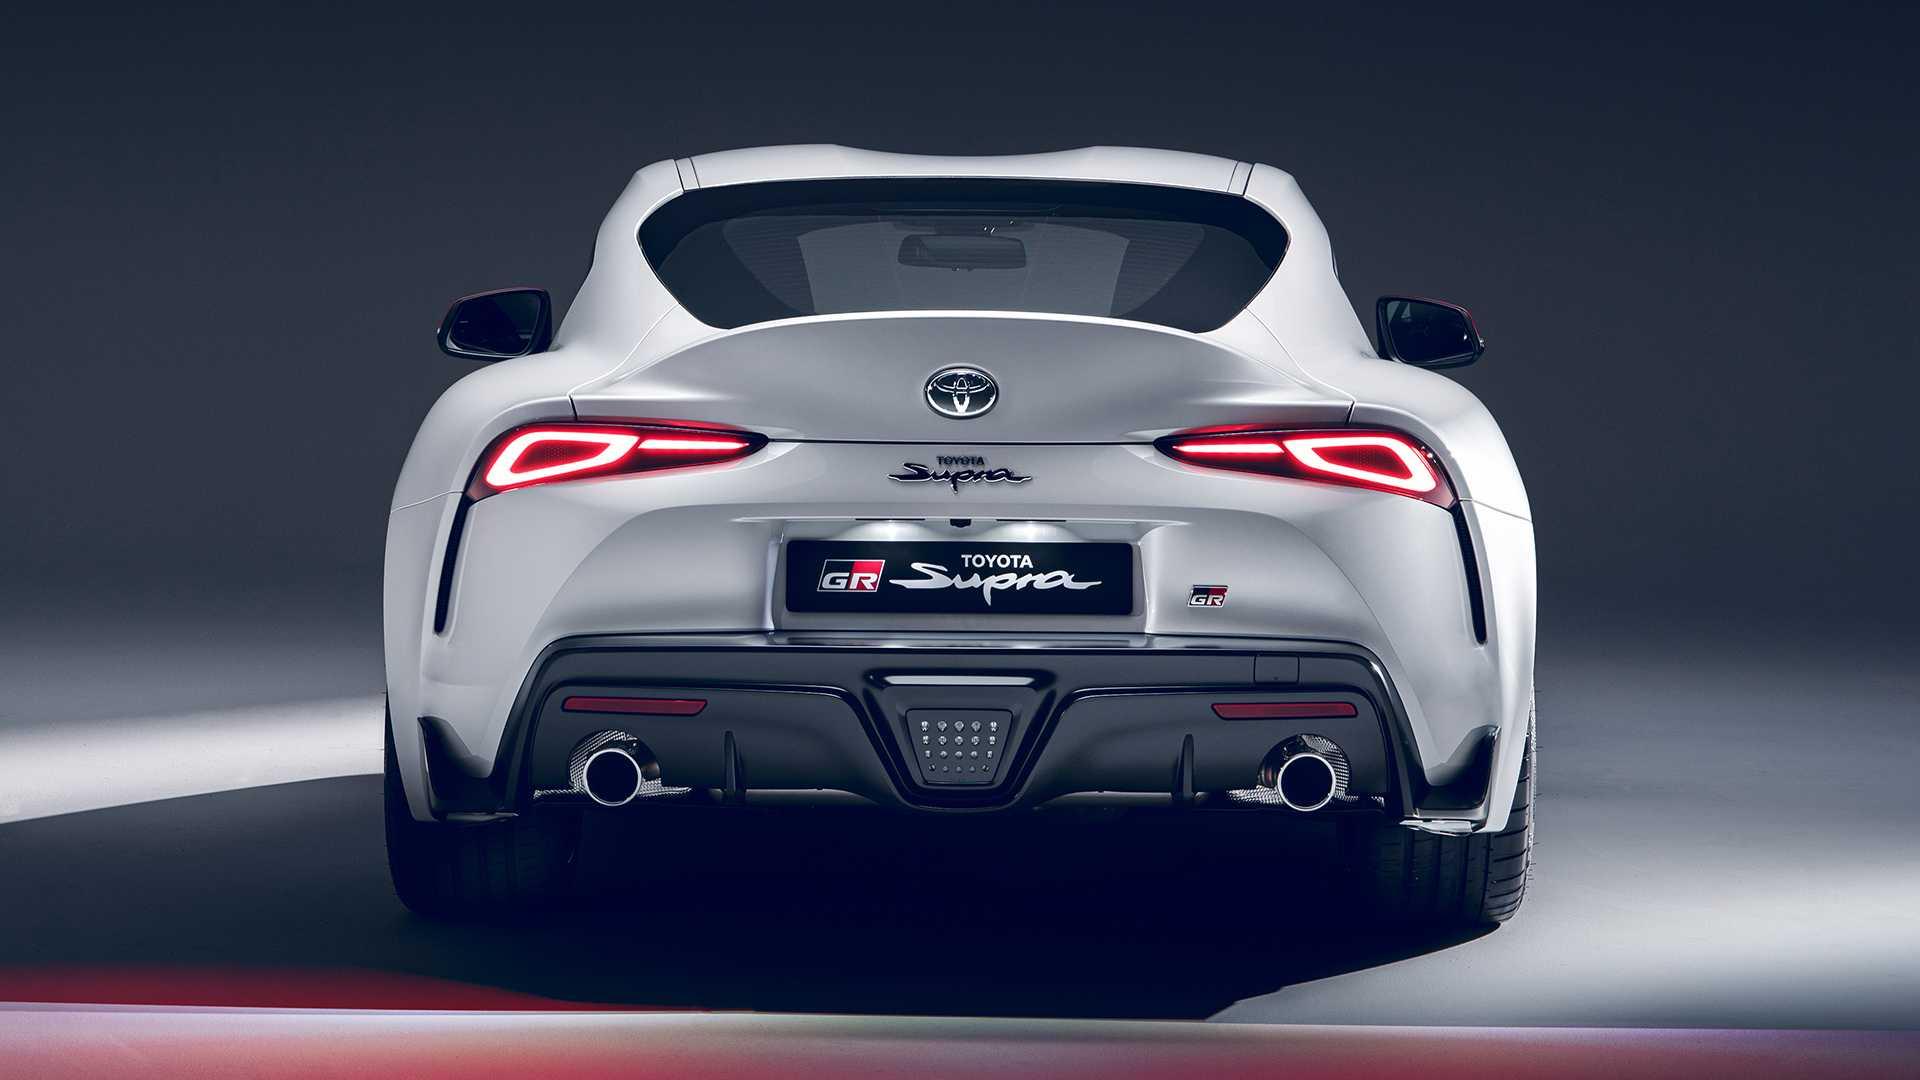 رونمایی از تویوتا سوپرا مدل 2020